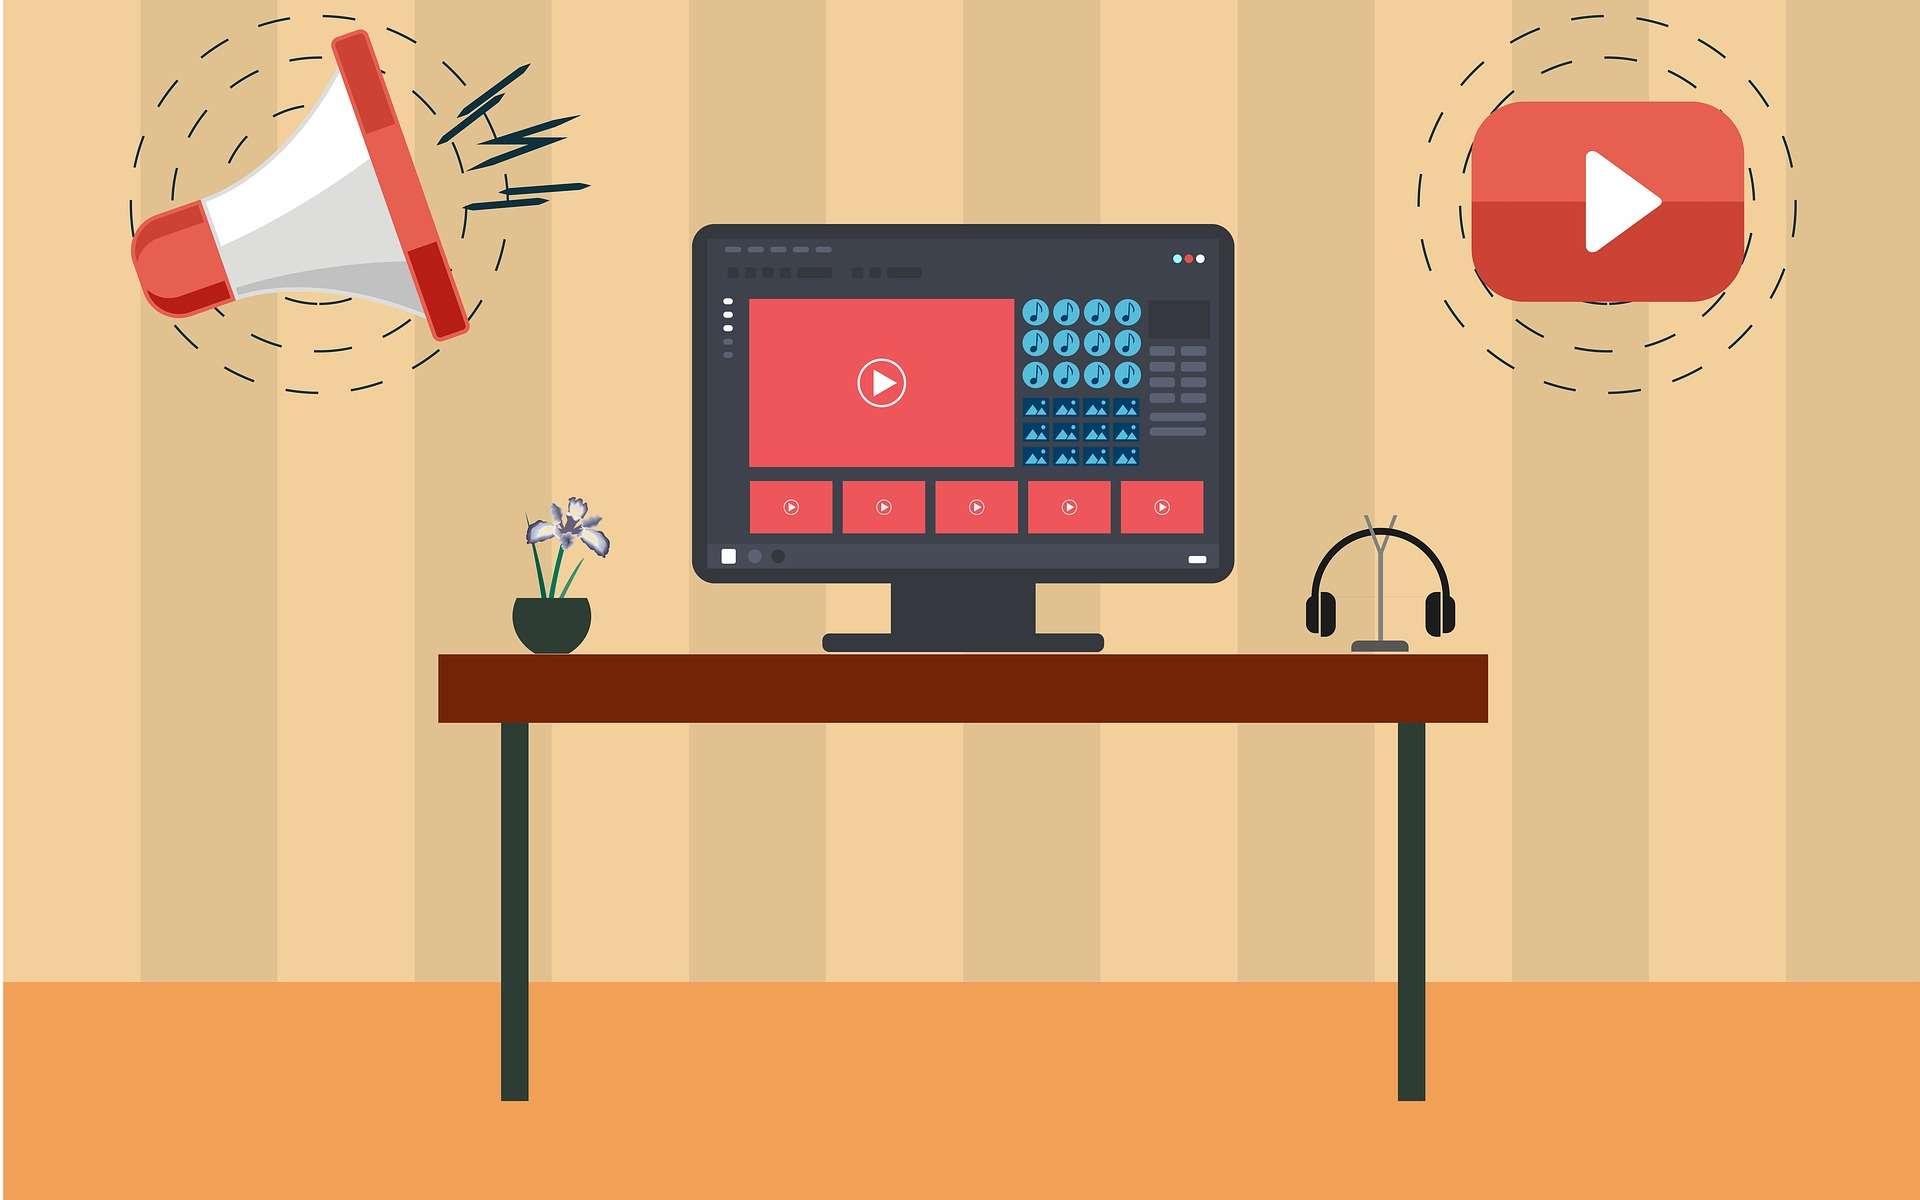 Lorsqu'on est scientifique, se lancer sur YouTube ne comporte que des avantages en matière de communication. © kreatikar, pixabay.com